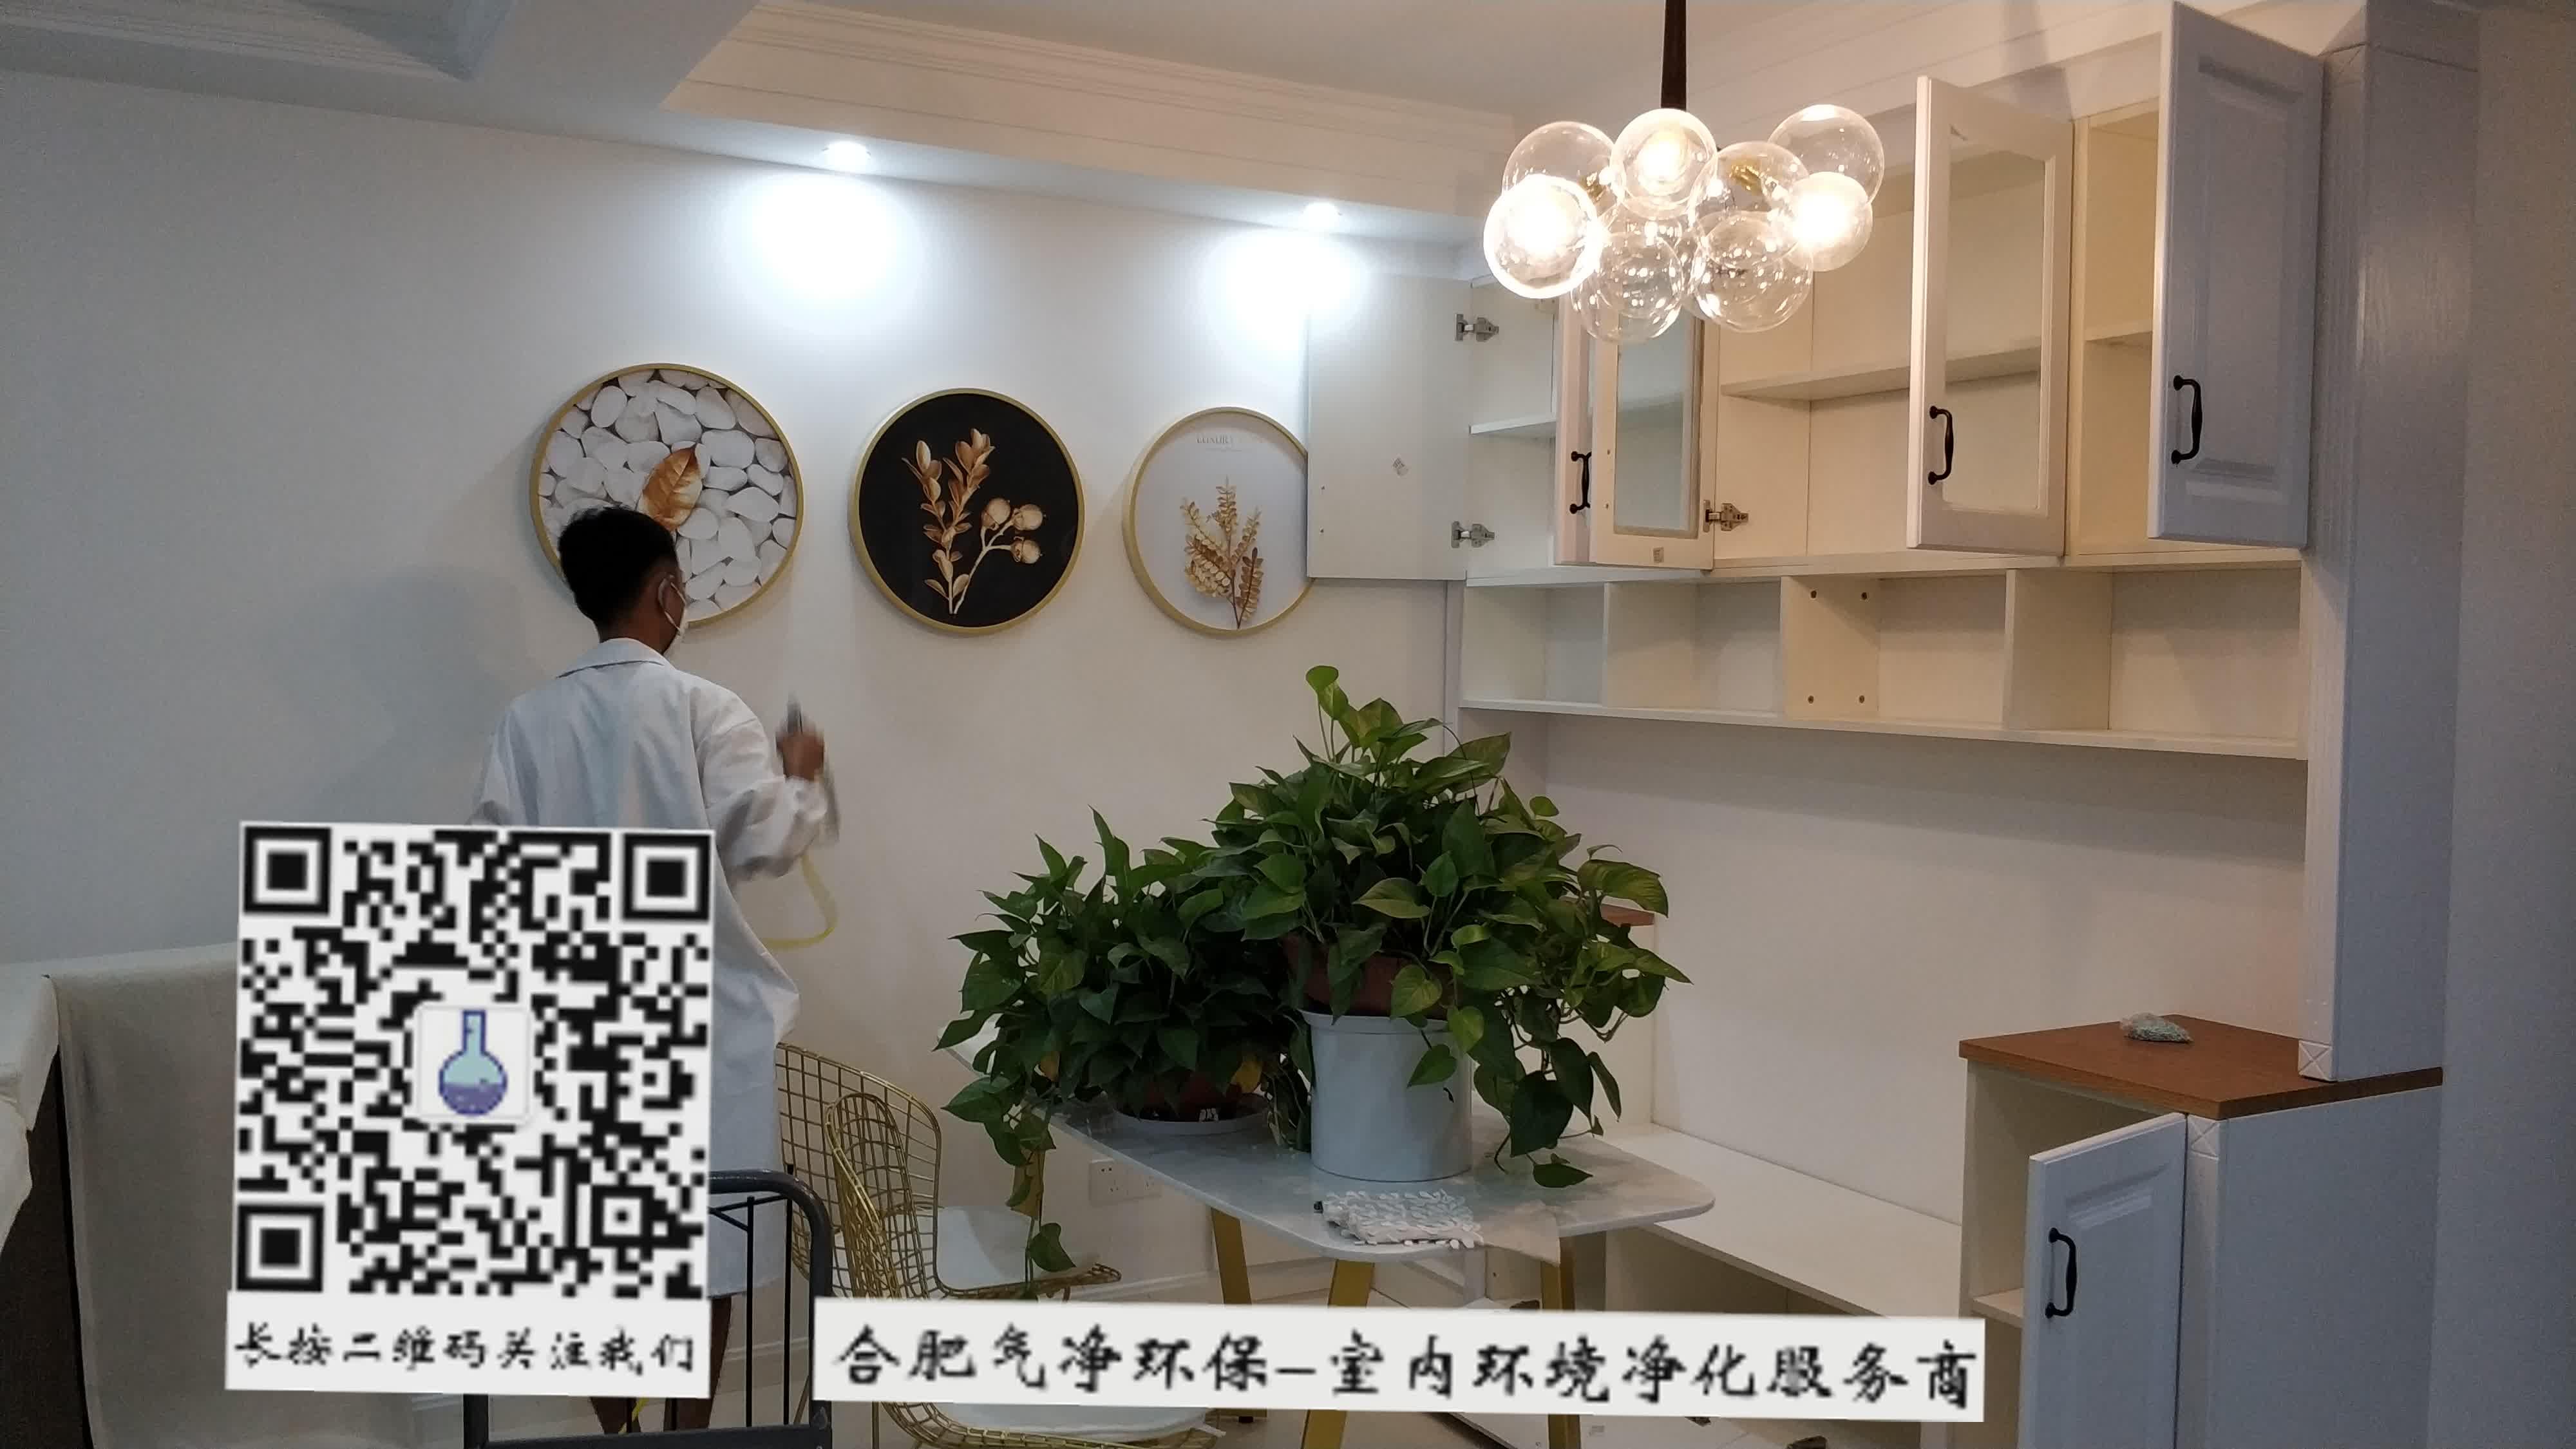 水印图片by水印王_20180803-135005247